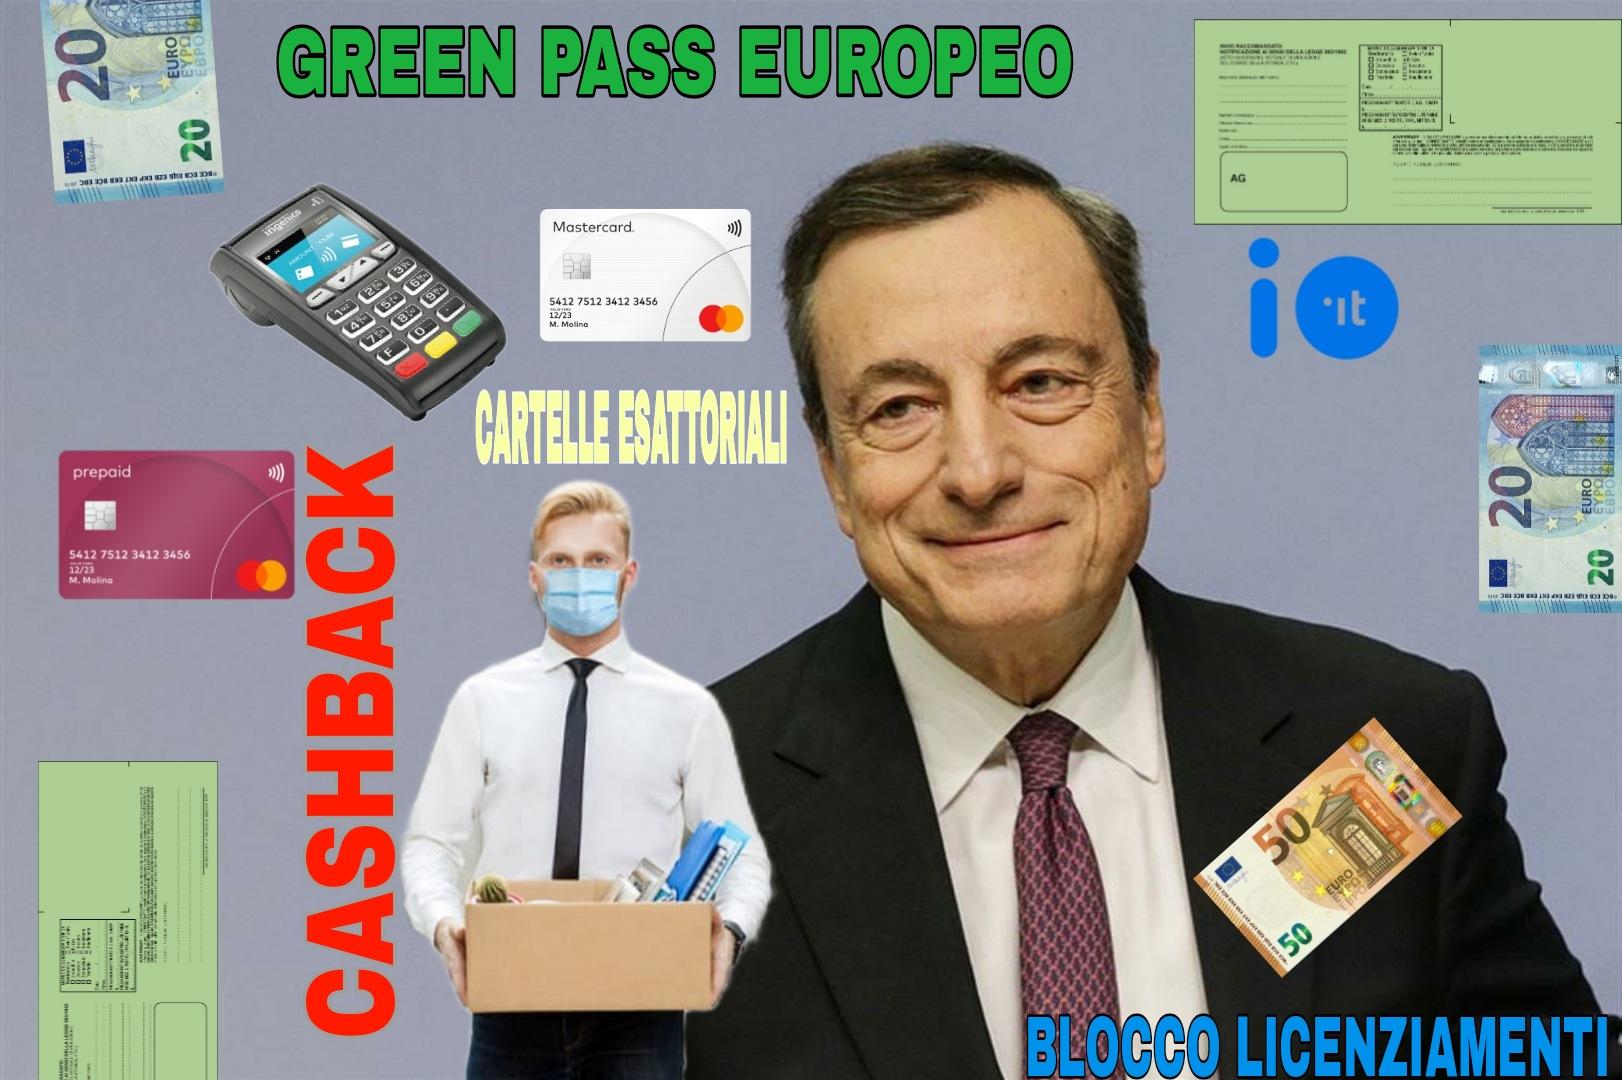 Oggi stop al cashback e super cashback, blocco licenziamenti solo per alcuni settori, parte il green pass europeo e cartelle esattoriali rinviate al 31-08